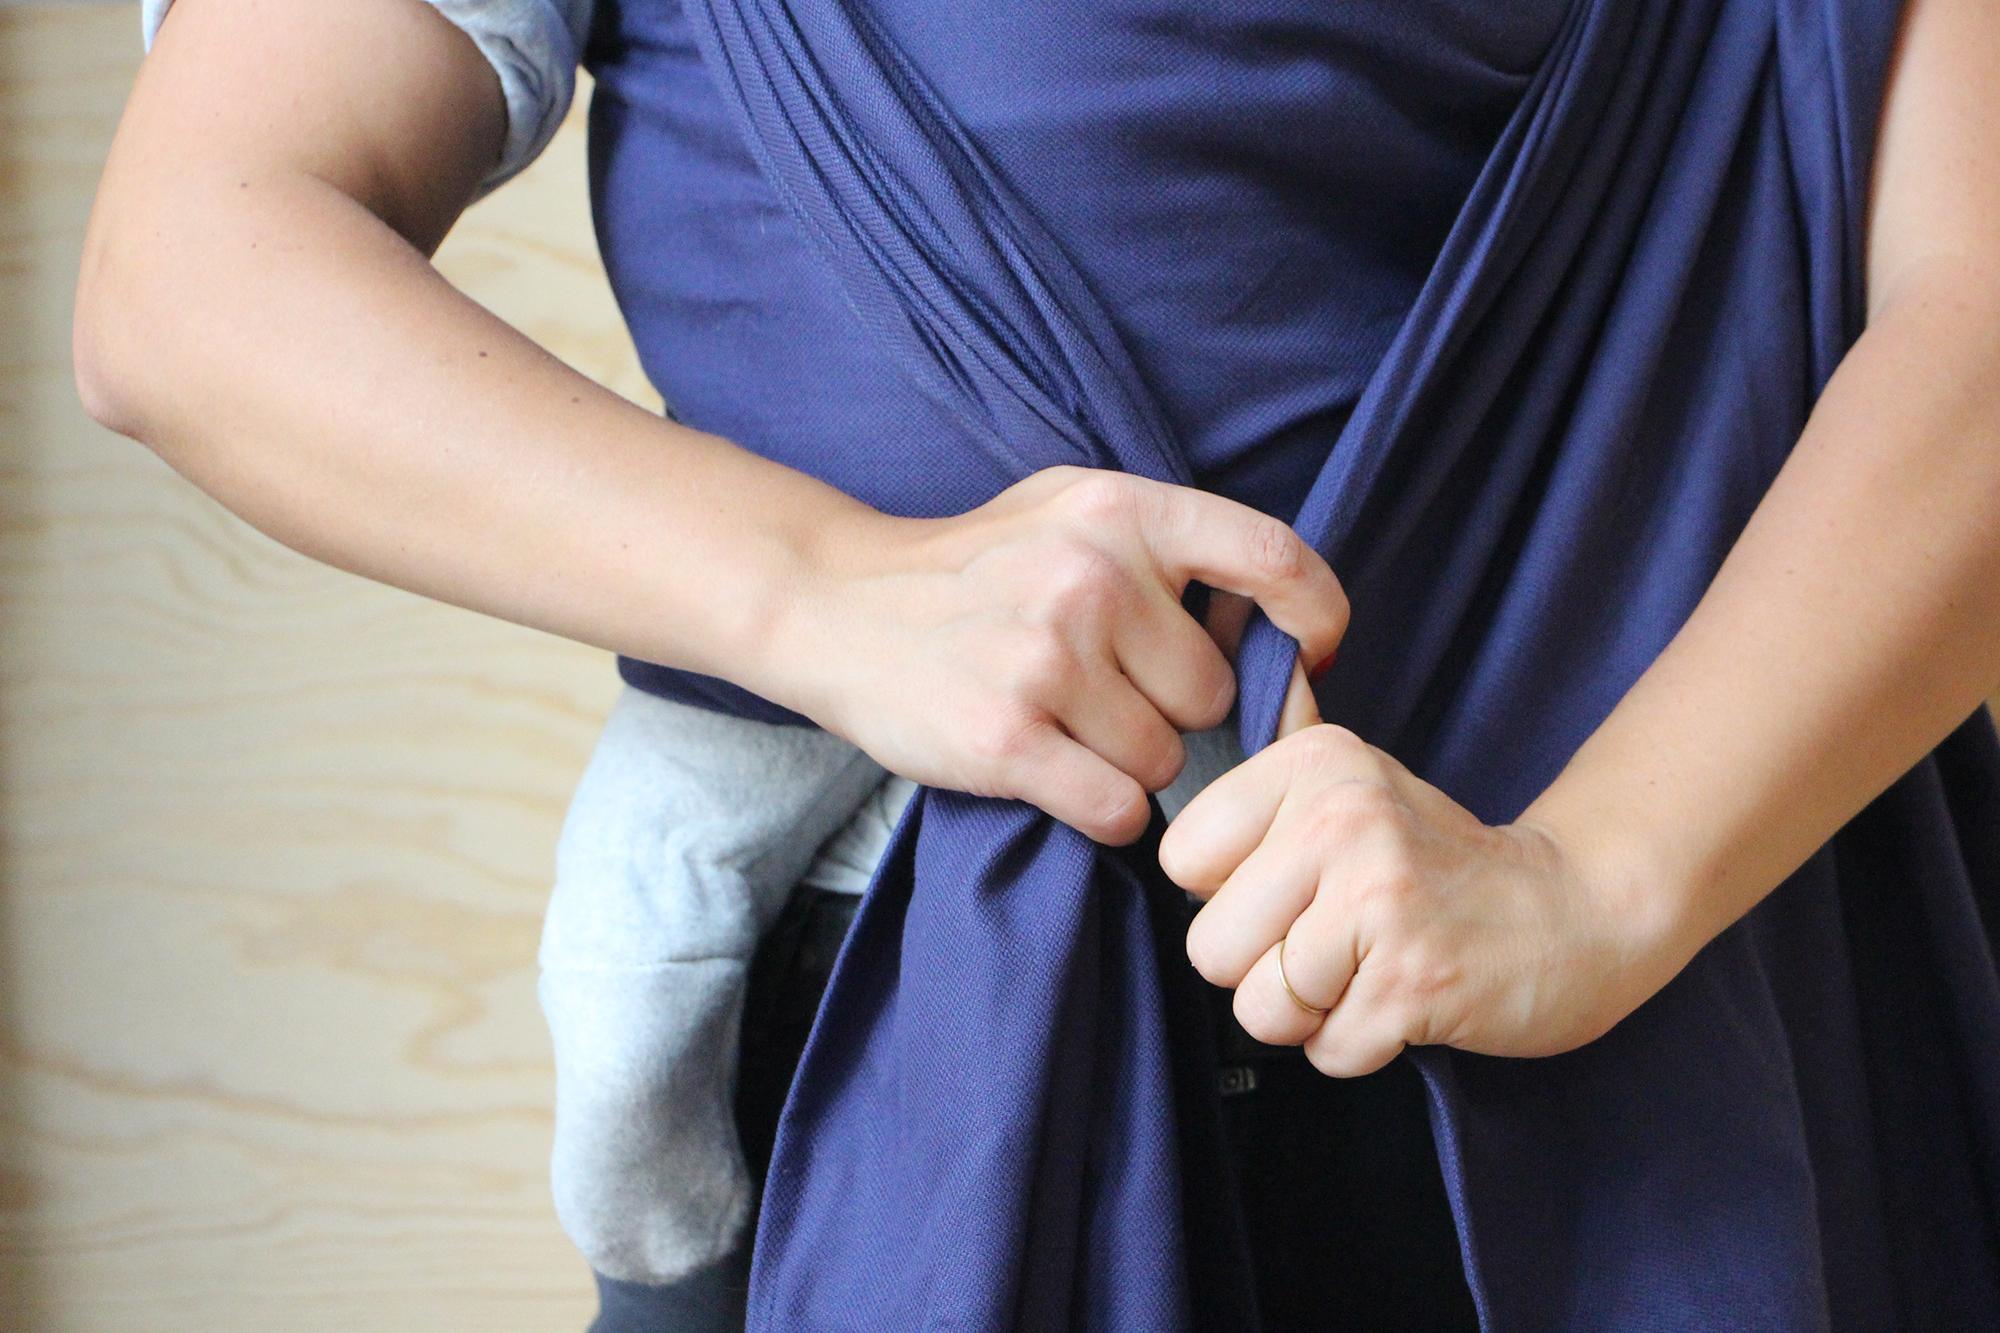 Die linke Seite des Tuchs gut festhalten und die rechte Seite ebenfalls nachziehen